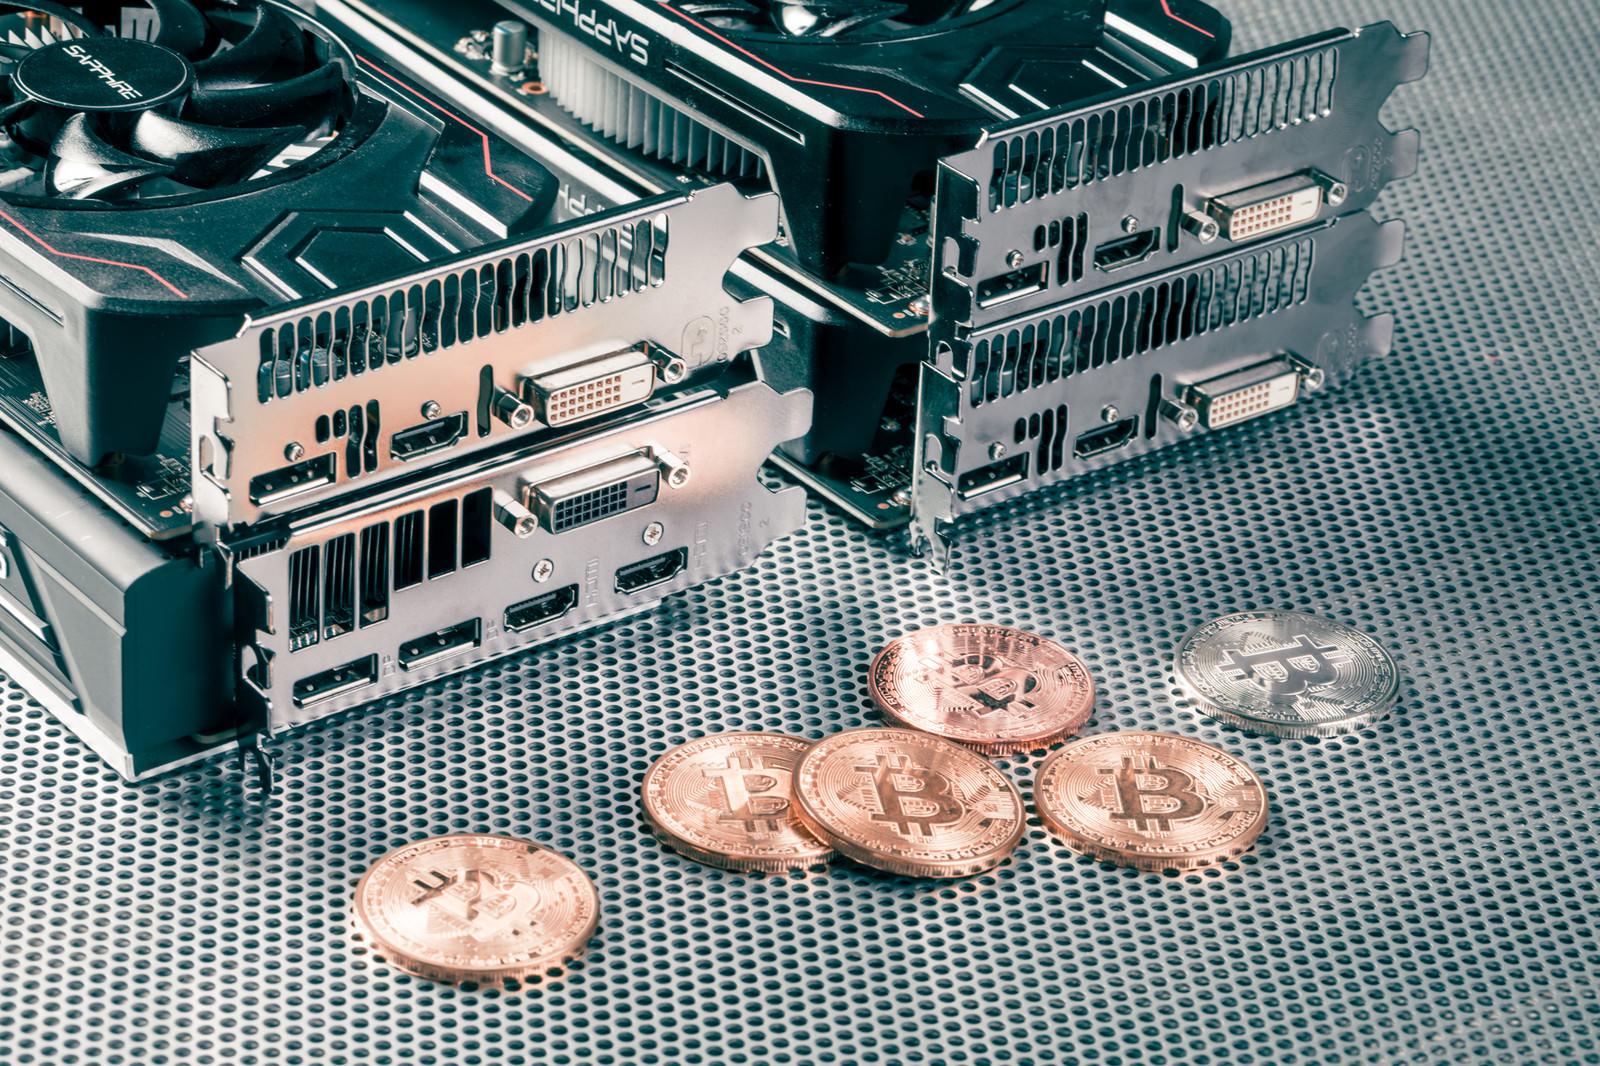 「グラフィックボードとビットコイン」の写真